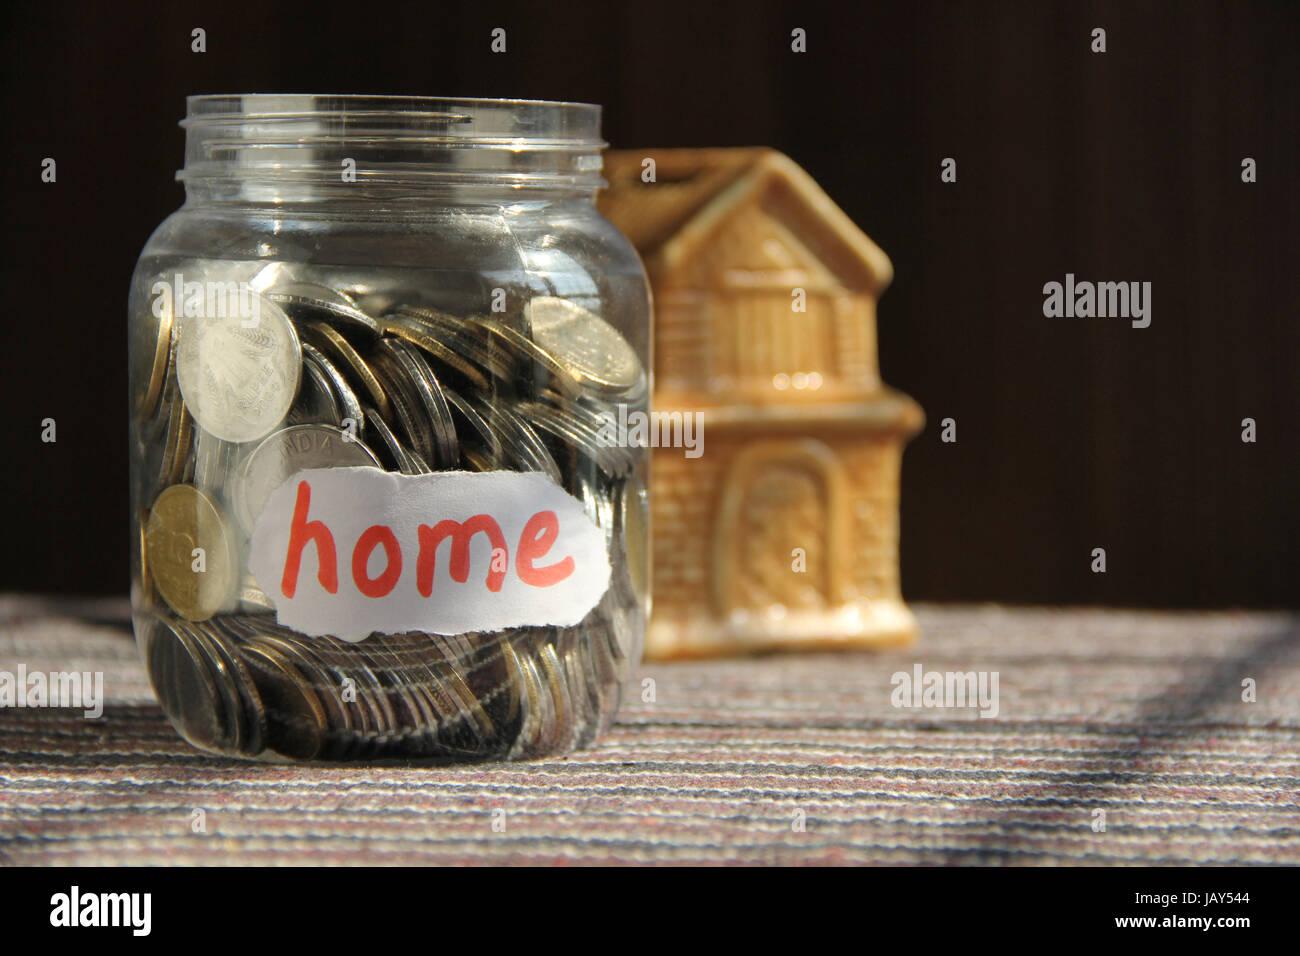 Monete in denaro jar con home etichetta, concetto di finanza Immagini Stock